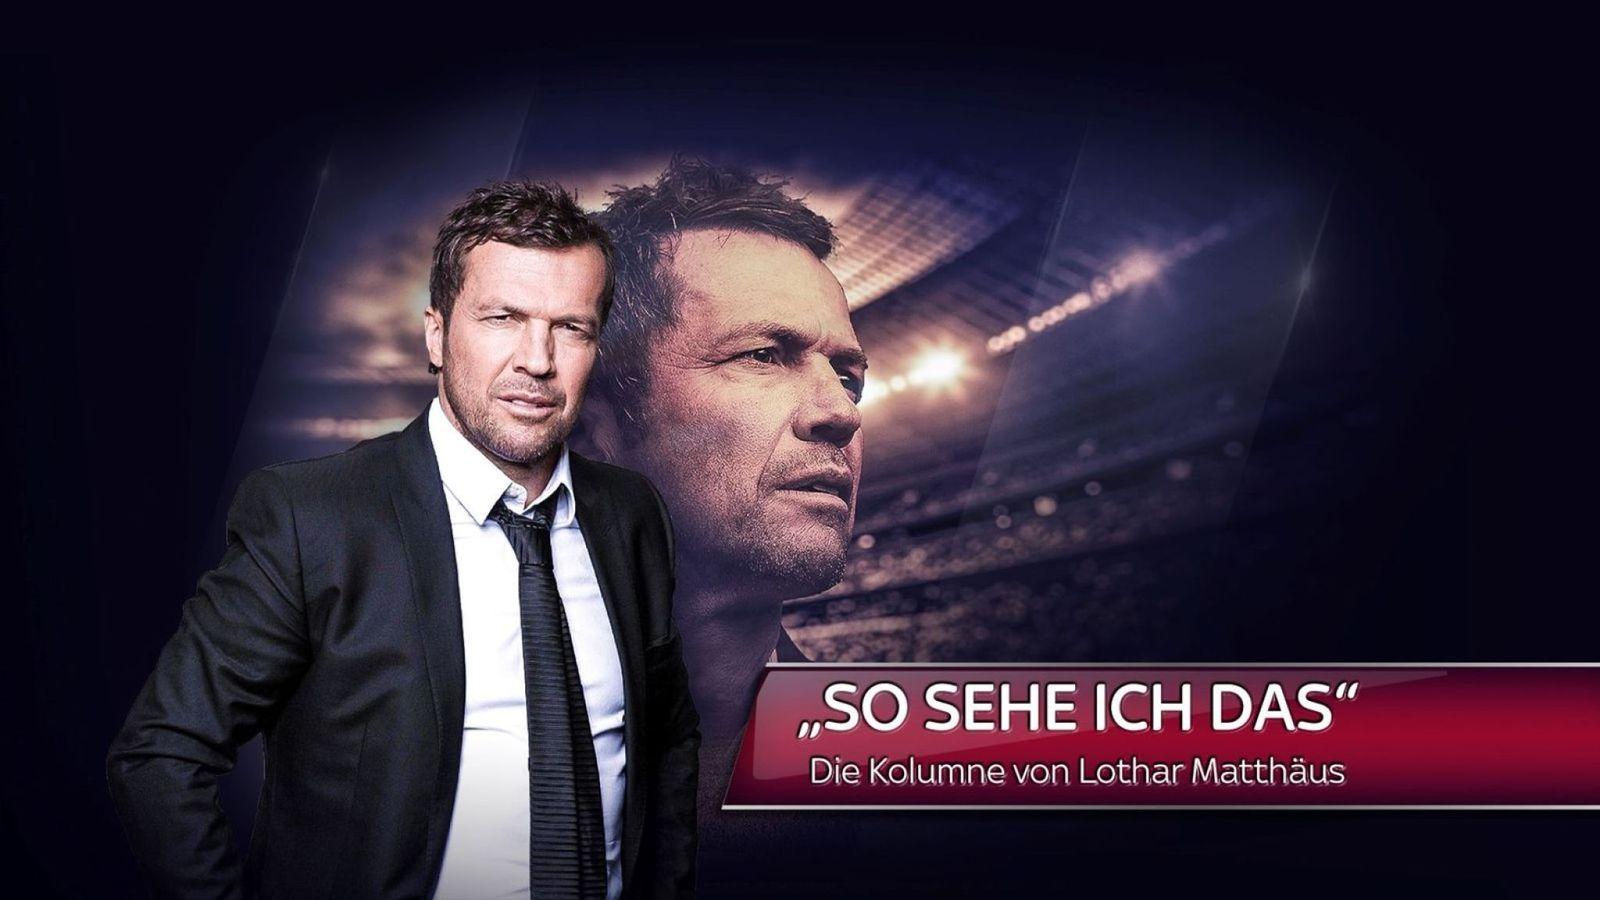 马特乌斯:拜仁不该卖鲁迪, 沙尔克卖科雷尔很对